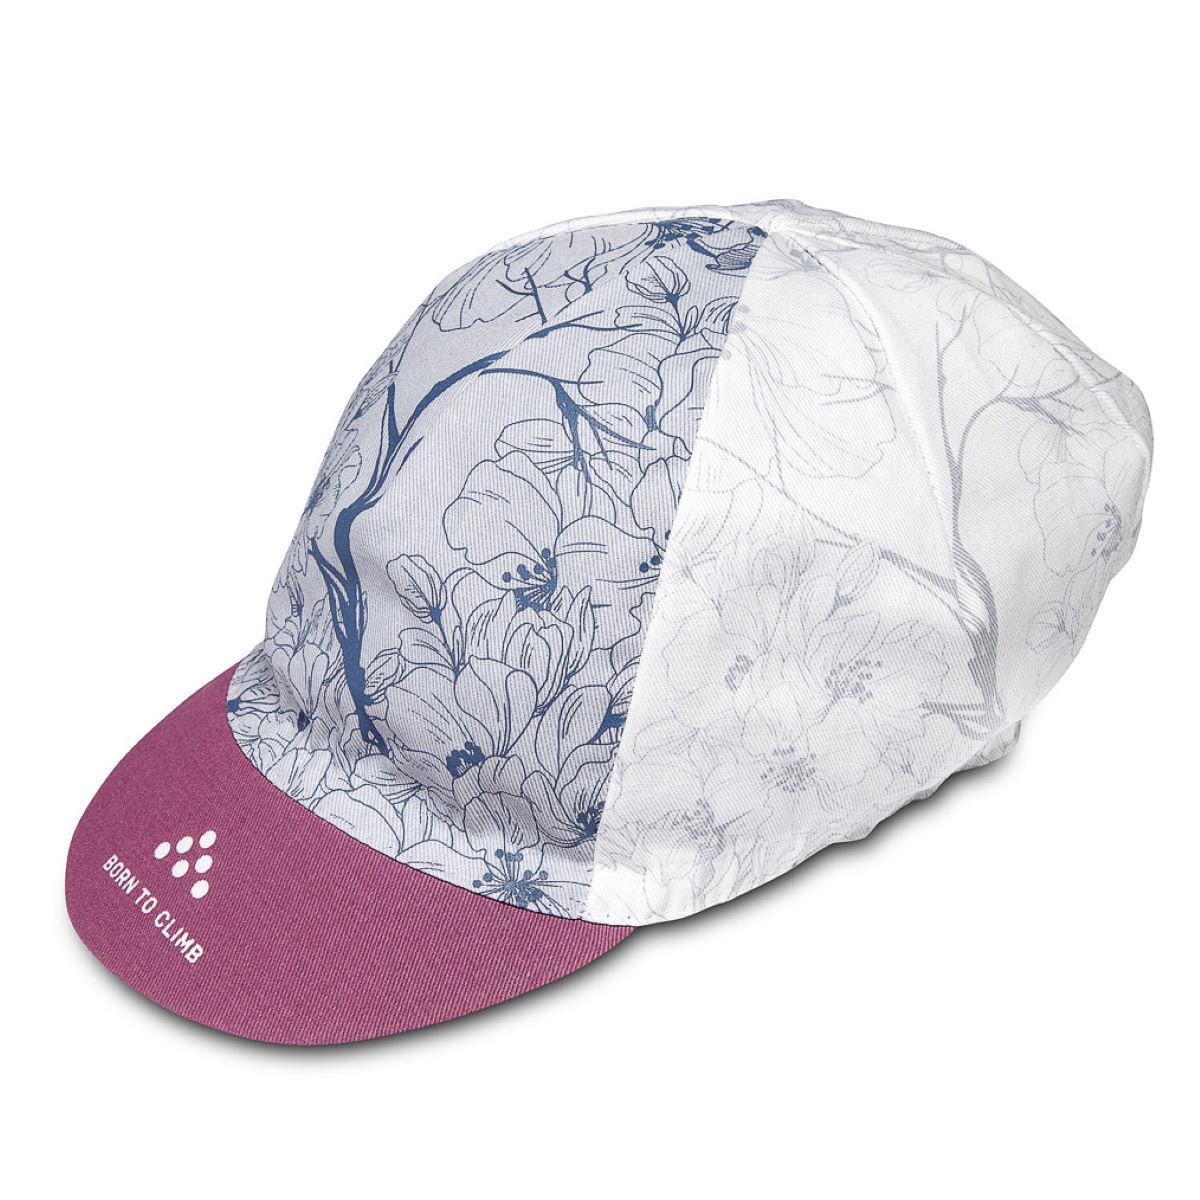 Isadore Fuji Climbers Cap Caps